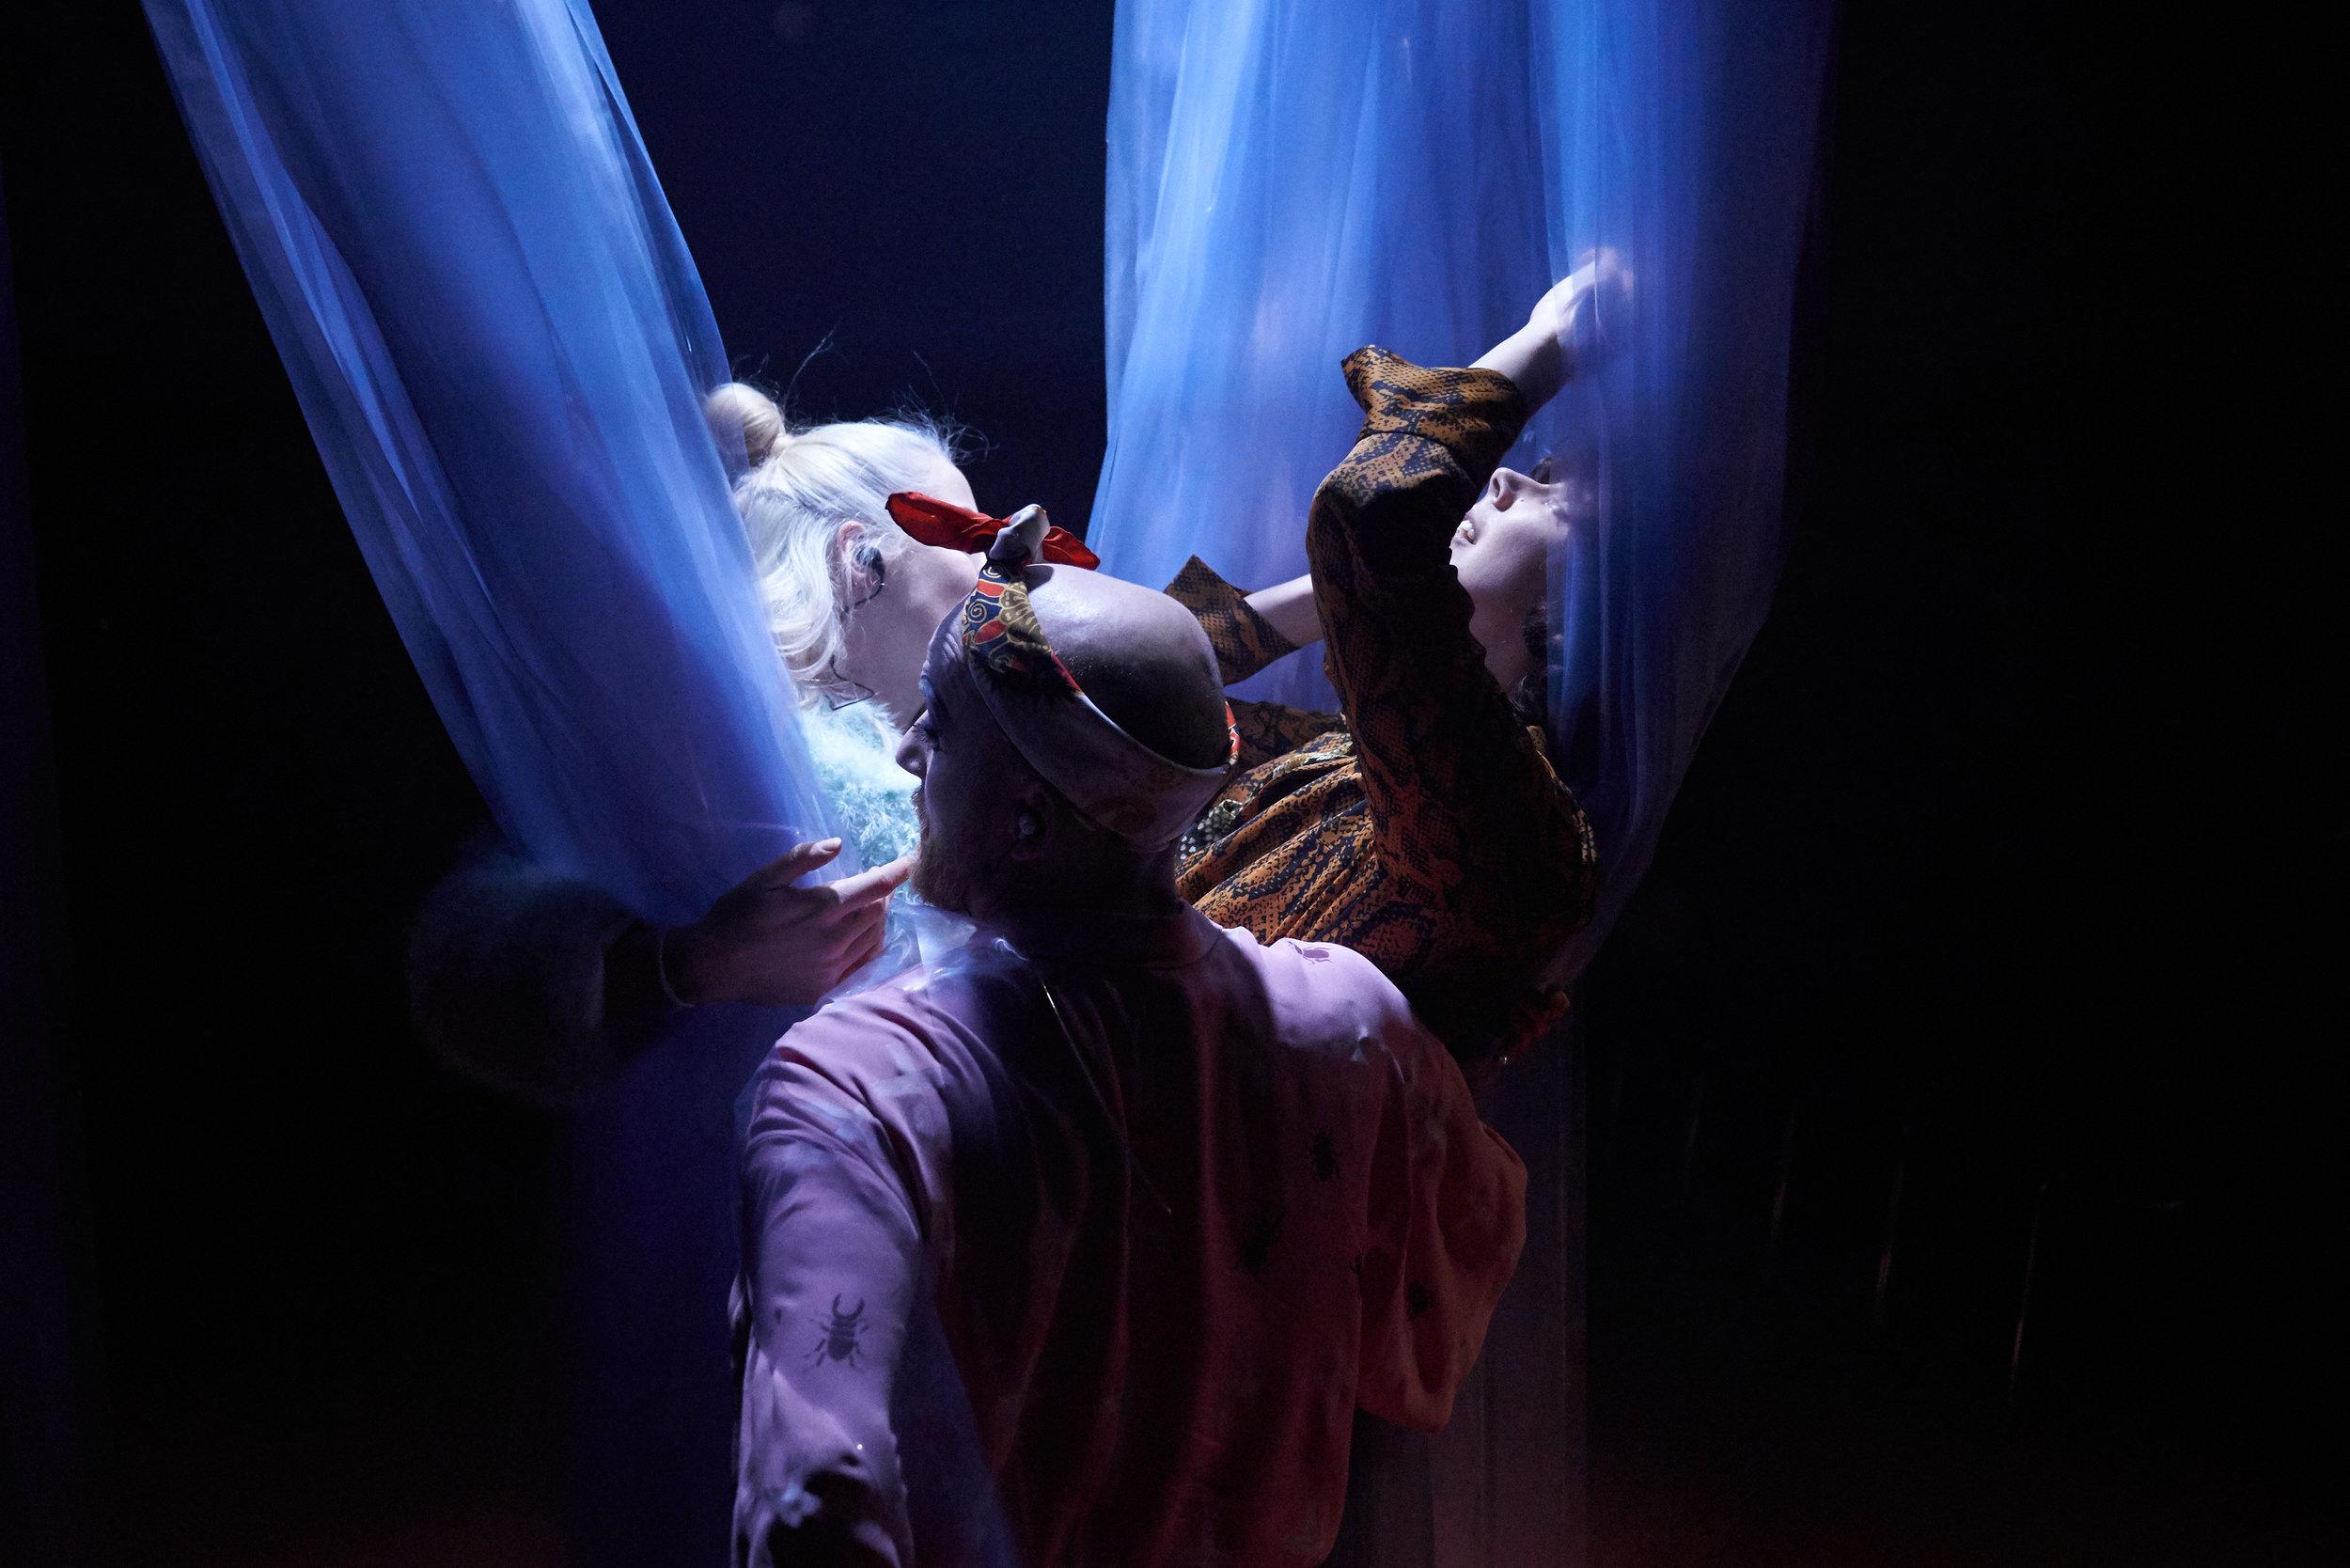 Det deprimerte jegets tanker og følelser formidles gjennom tre aldersversjoner, spilt av Ragnhild Tysse (til høyre), Ingrid Unnur Giæver (til venstre) og Svein Solenes (i midten foran). (Foto: Stig Håvard Dirdal, Rogaland Teater)